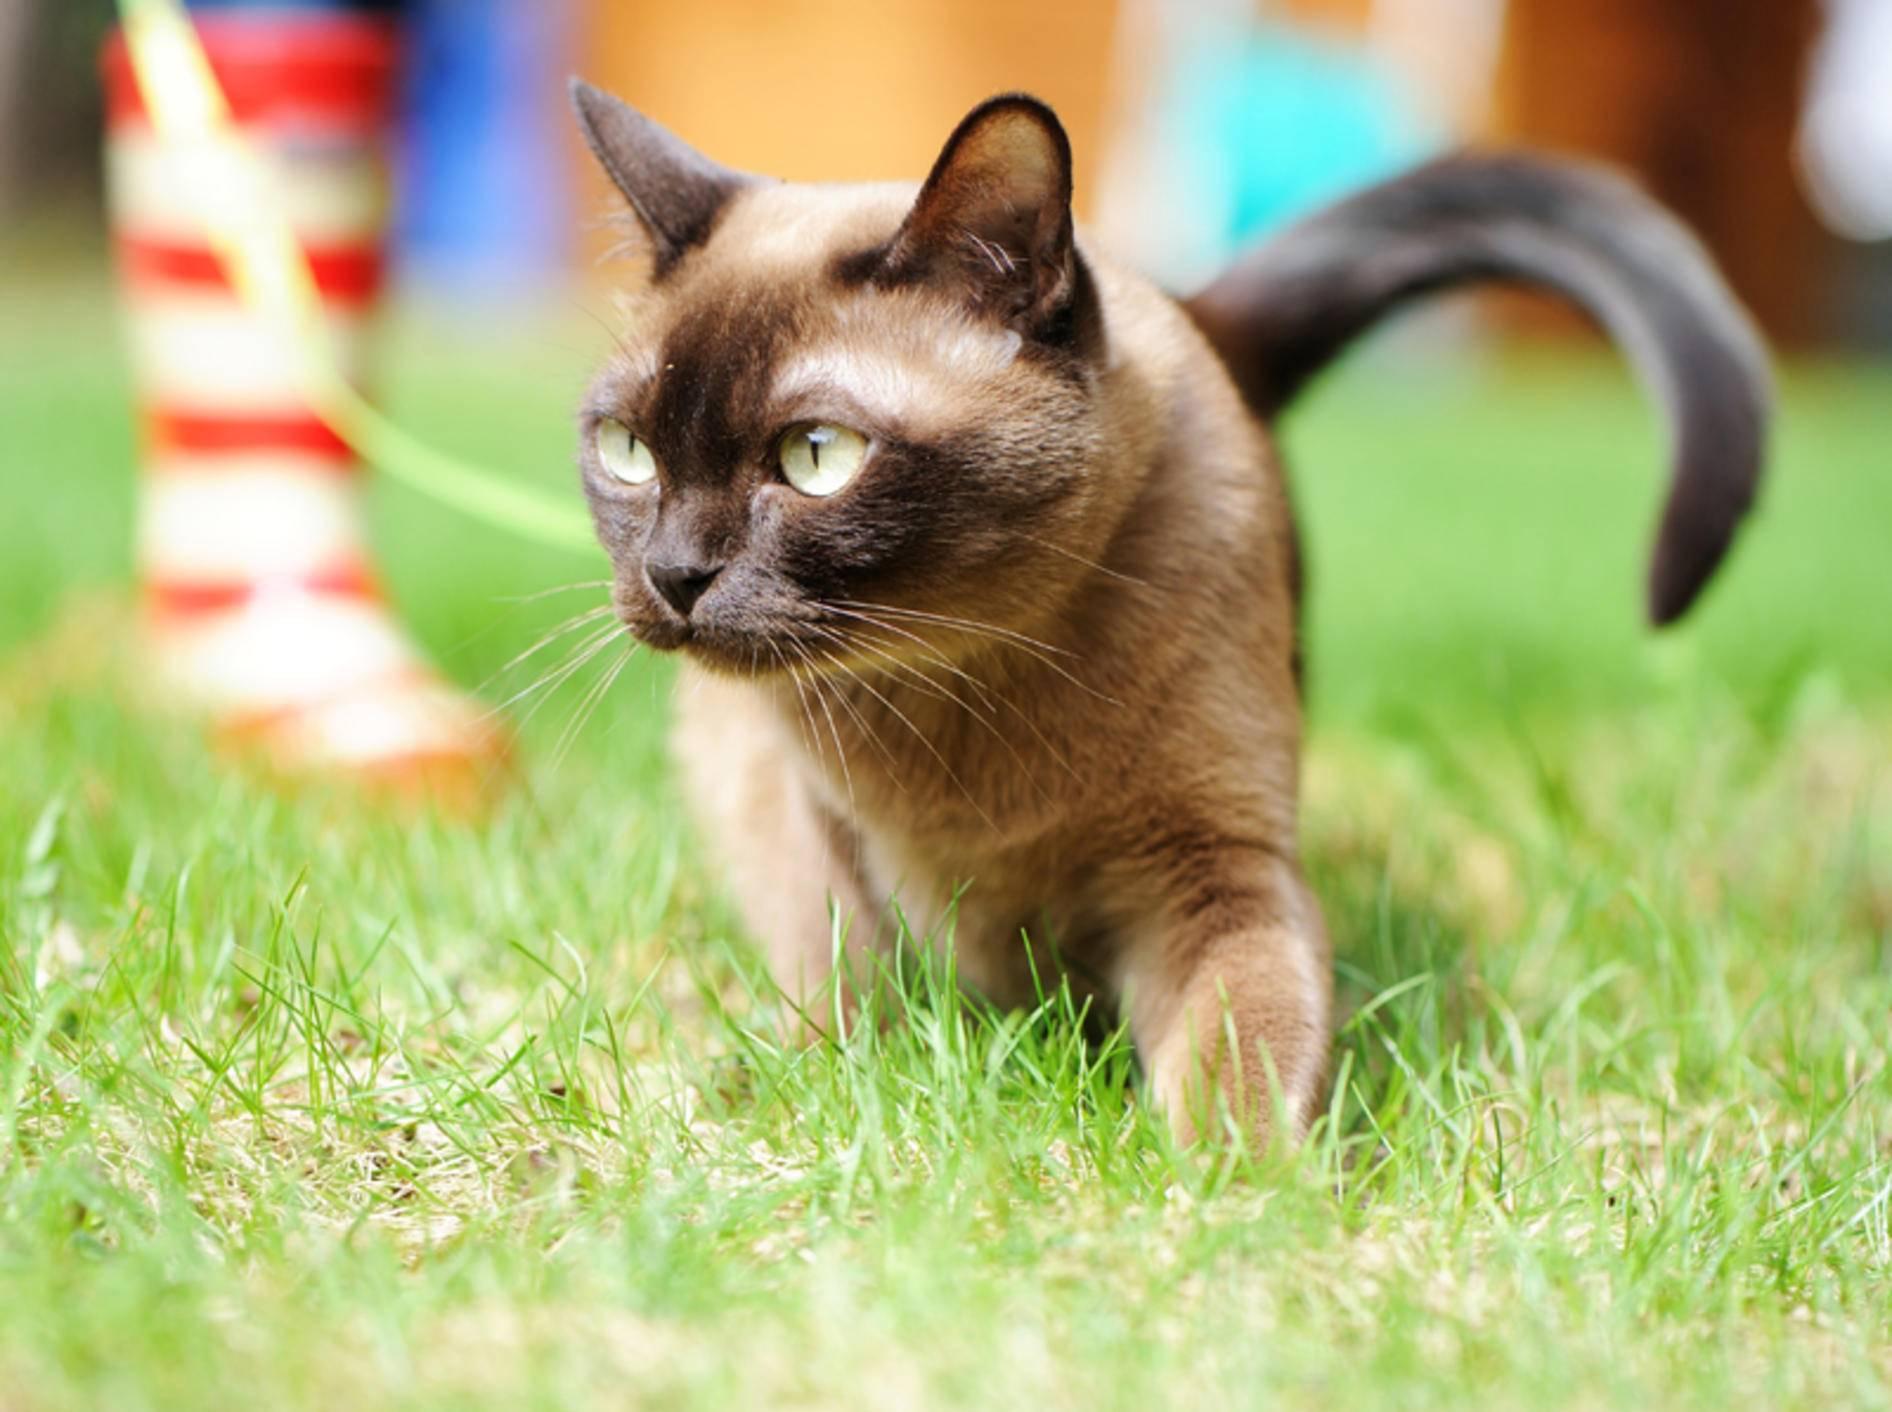 Die Burma-Katze: So halten und pflegen Sie die Samtpfote – Bild: Shutterstock / Alinute Silzevicuite